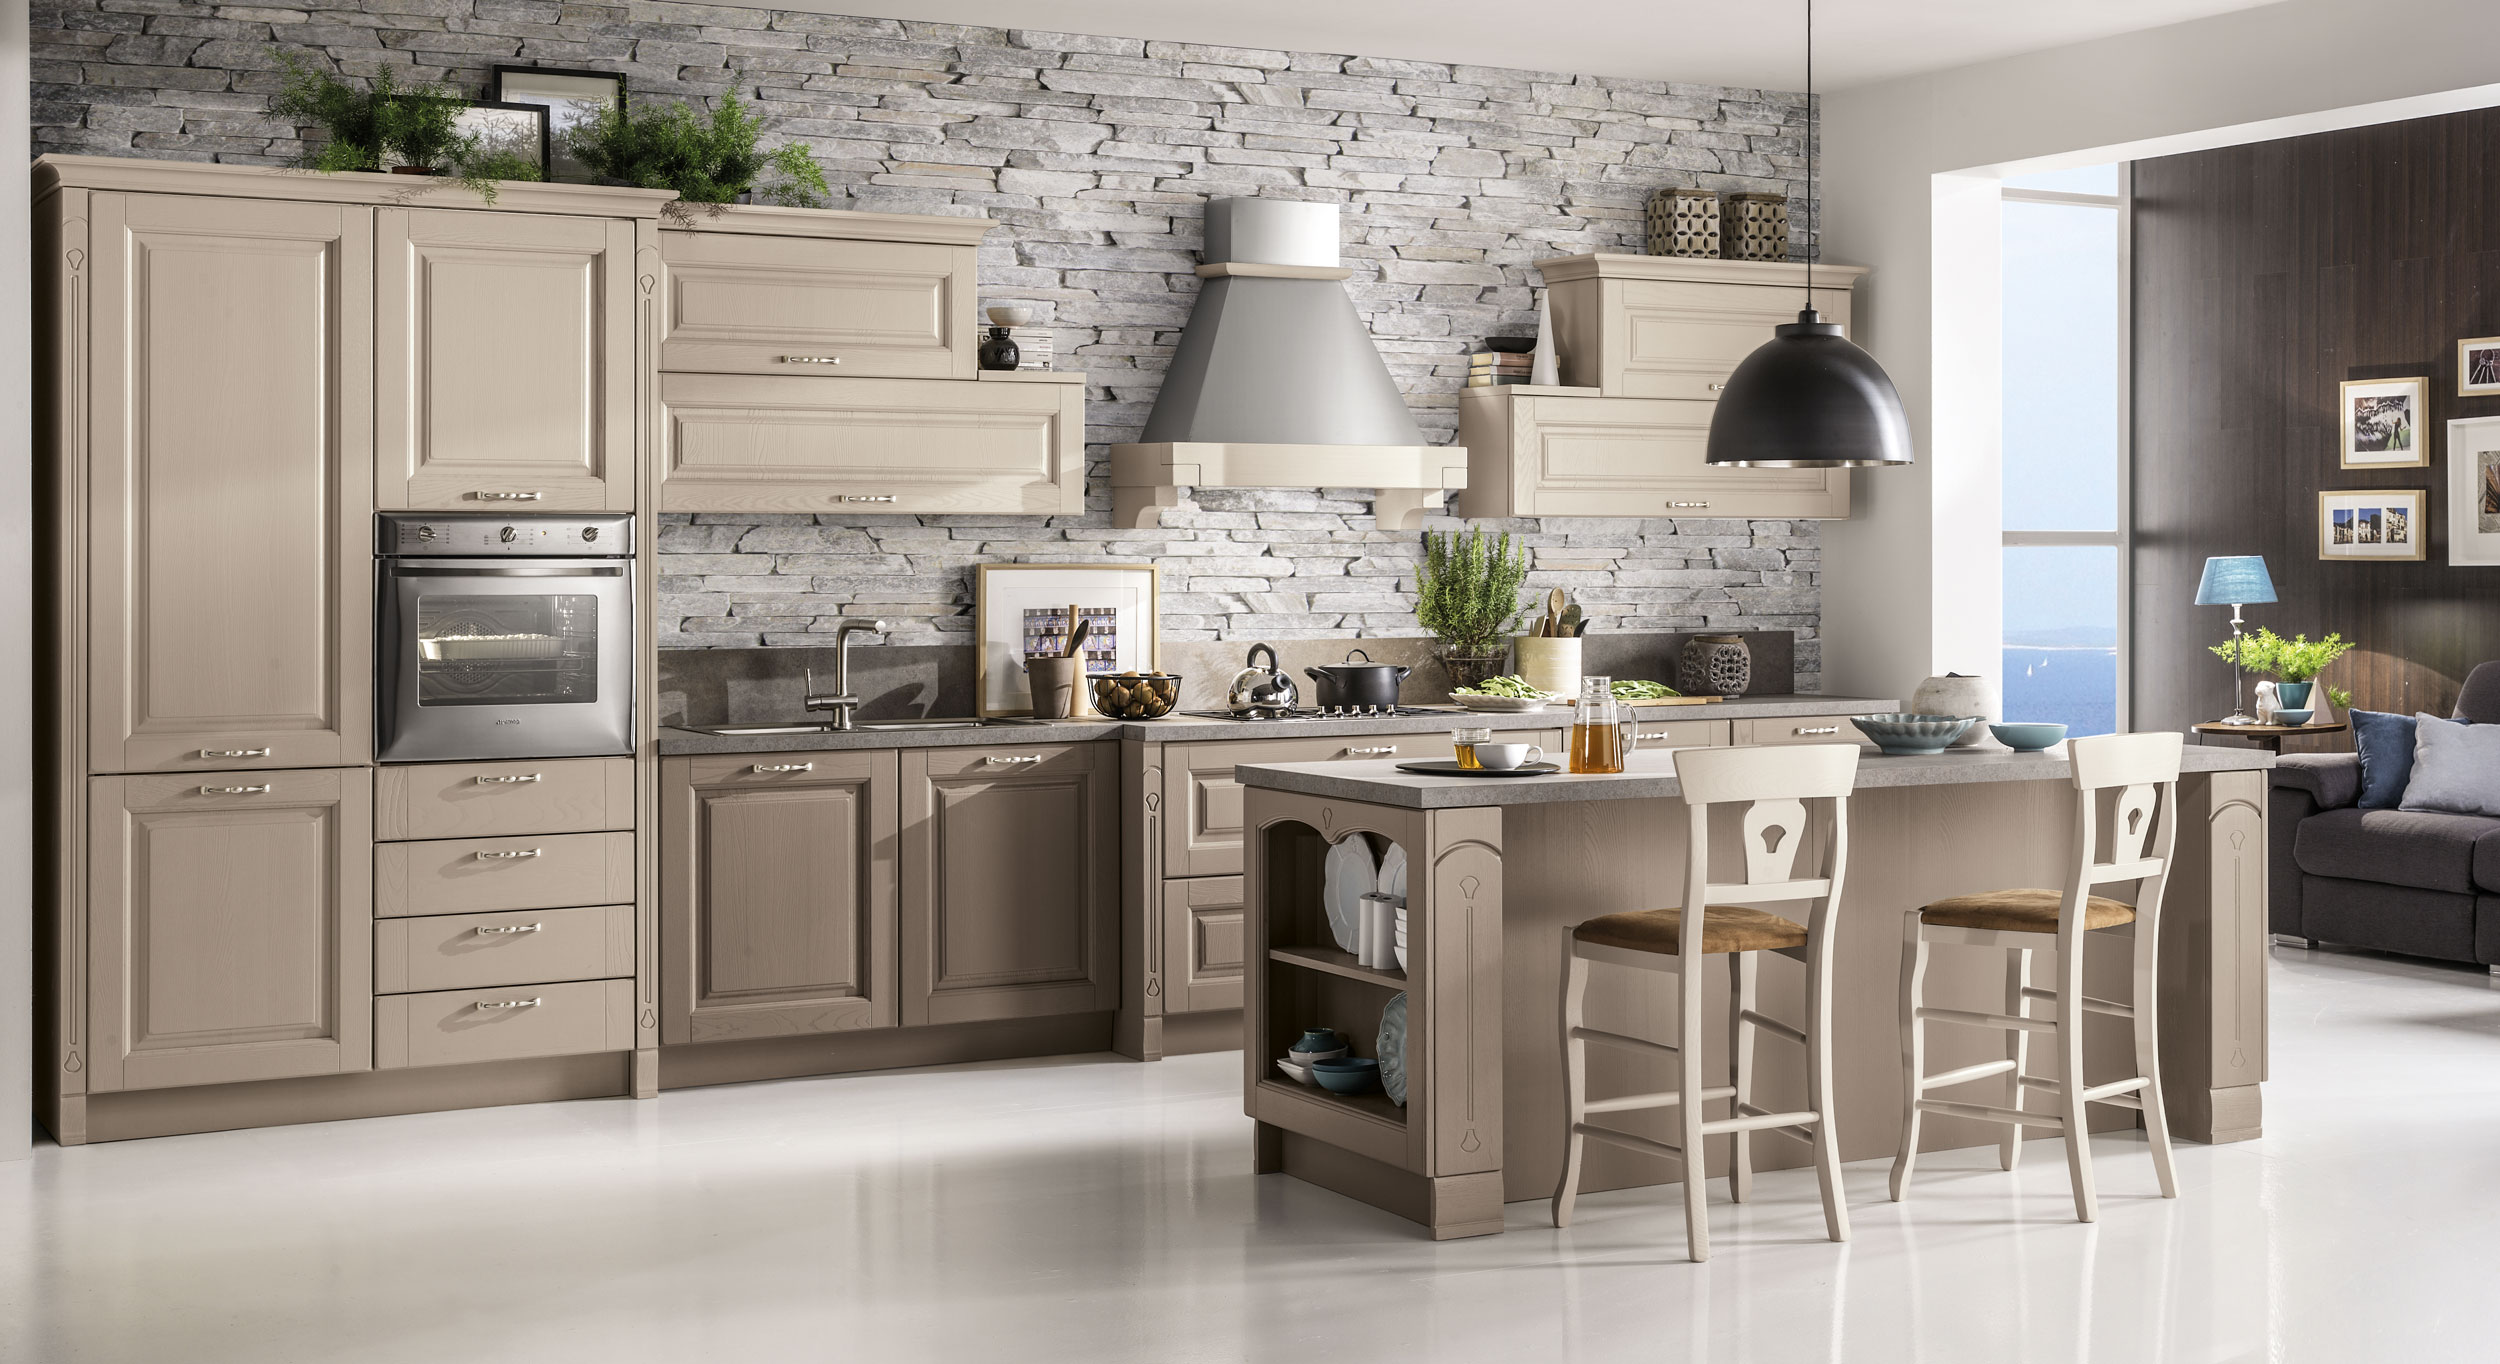 Cucina stosa bolgheri lorenzelli arredamenti - Immagini di cucine classiche ...